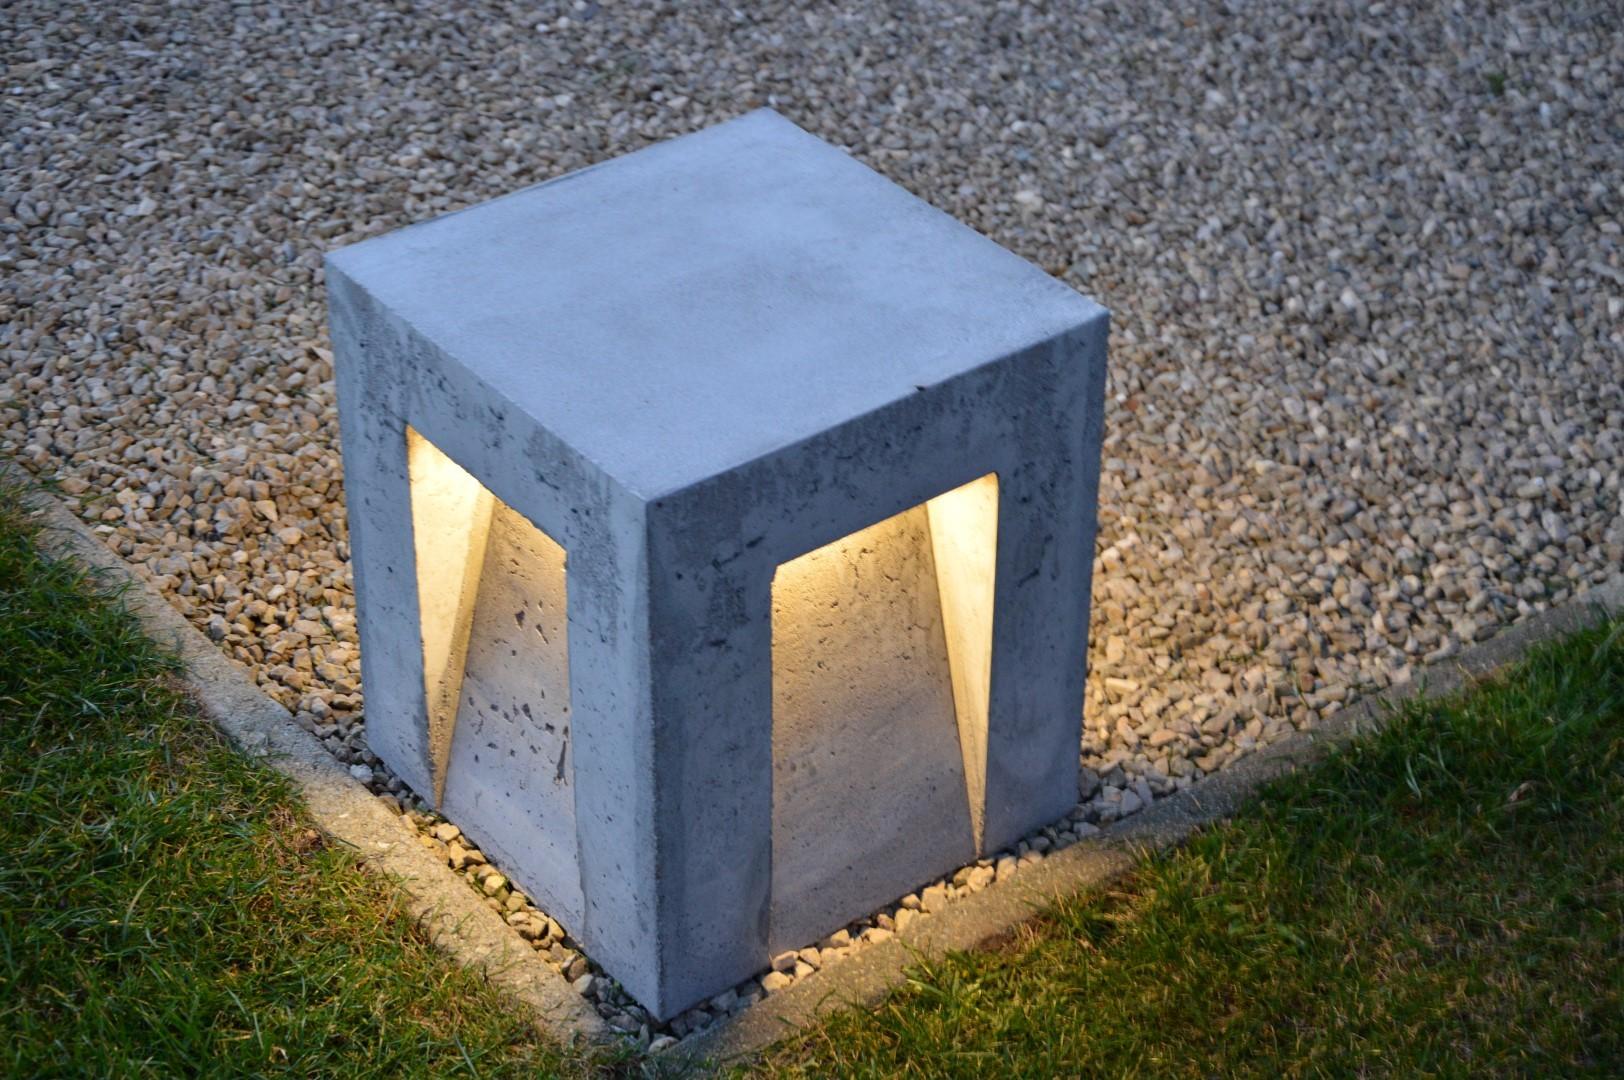 Swee Cube-8, LED 8W, beton grijs, warmwit 3000K